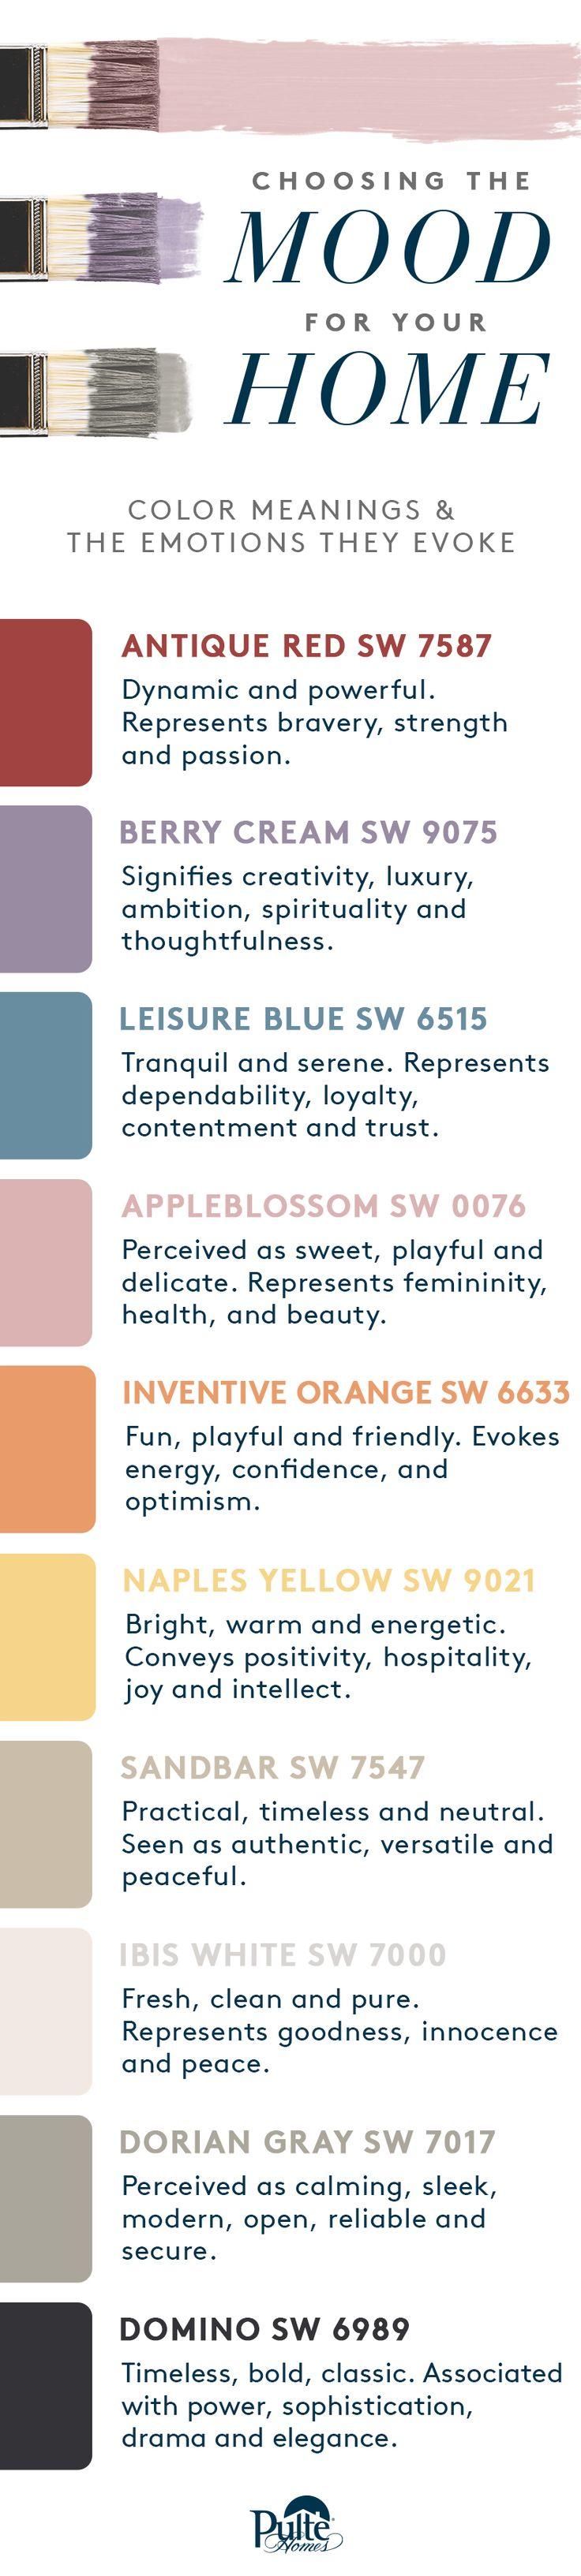 An understanding of color